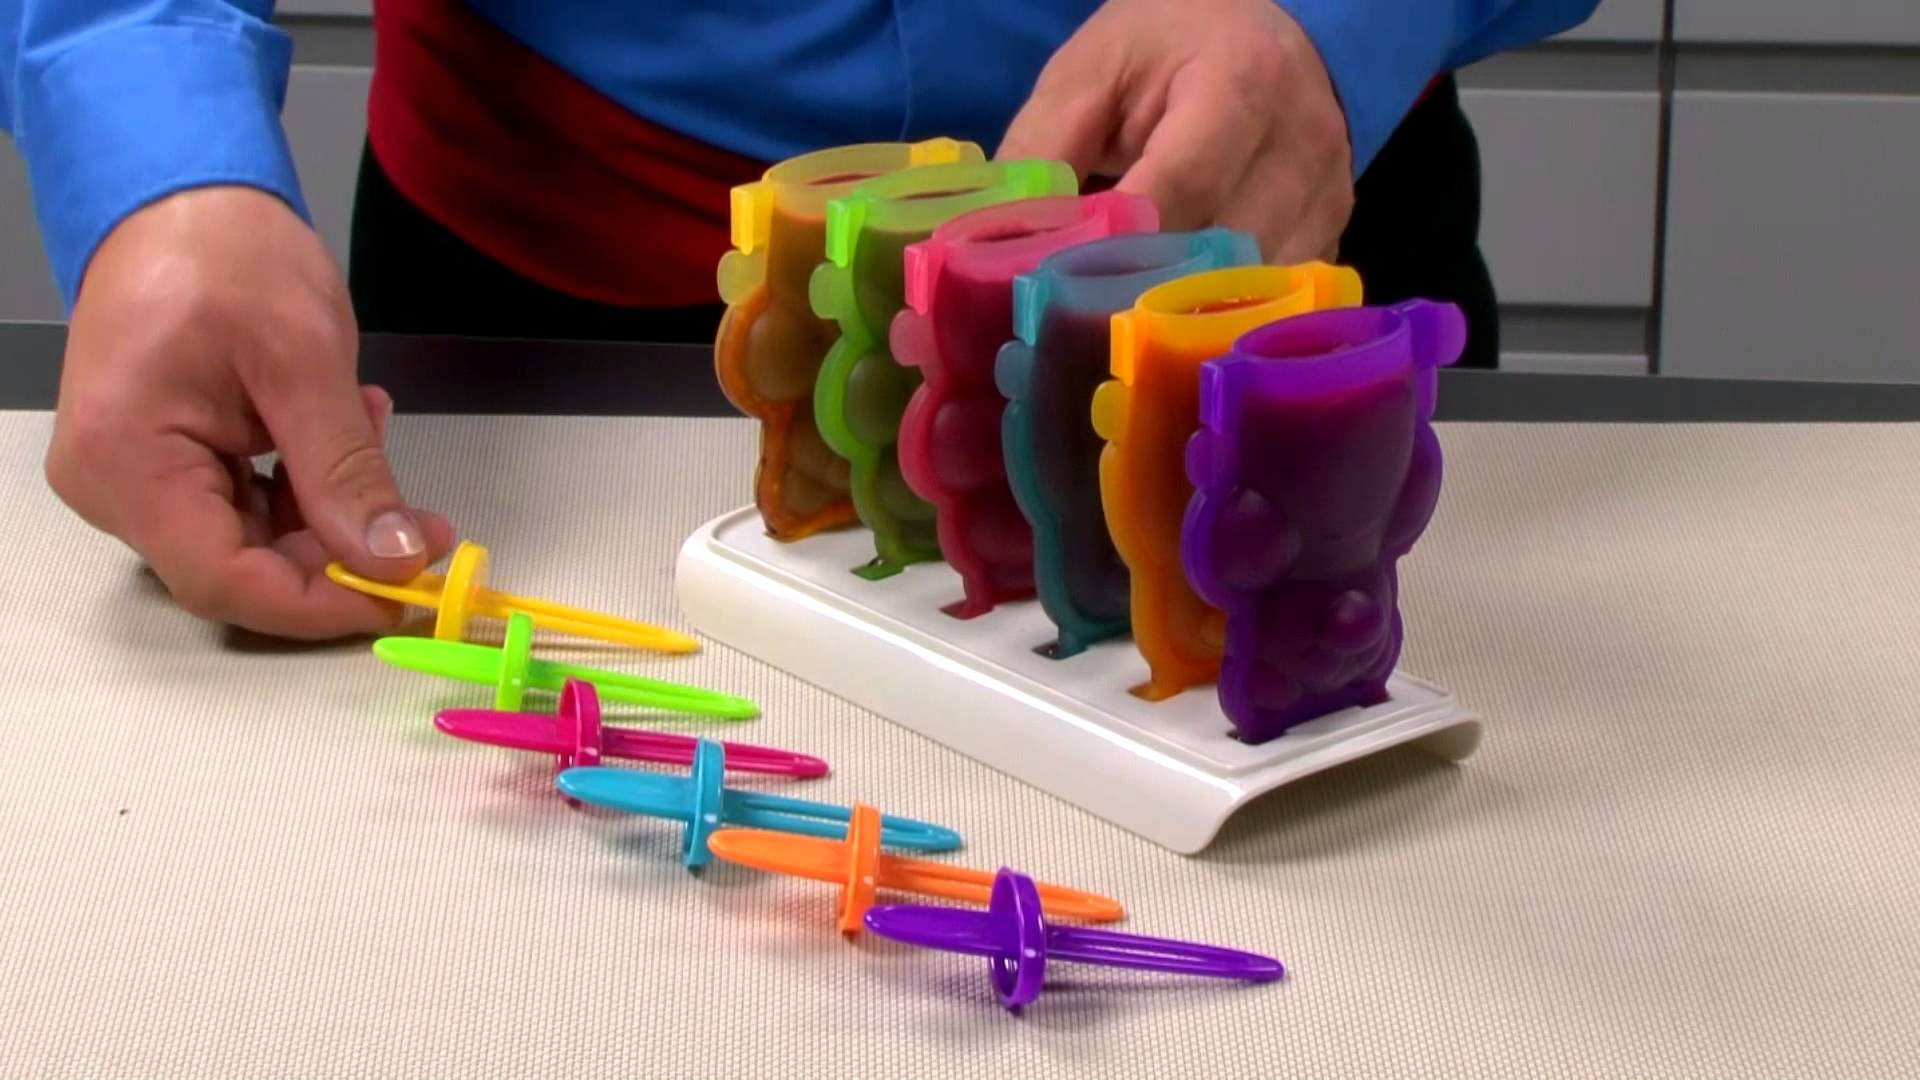 Формочки для домашнего мороженого из серии Tescoma BAMBINI 2014 года: иллюстрация процесса заправки